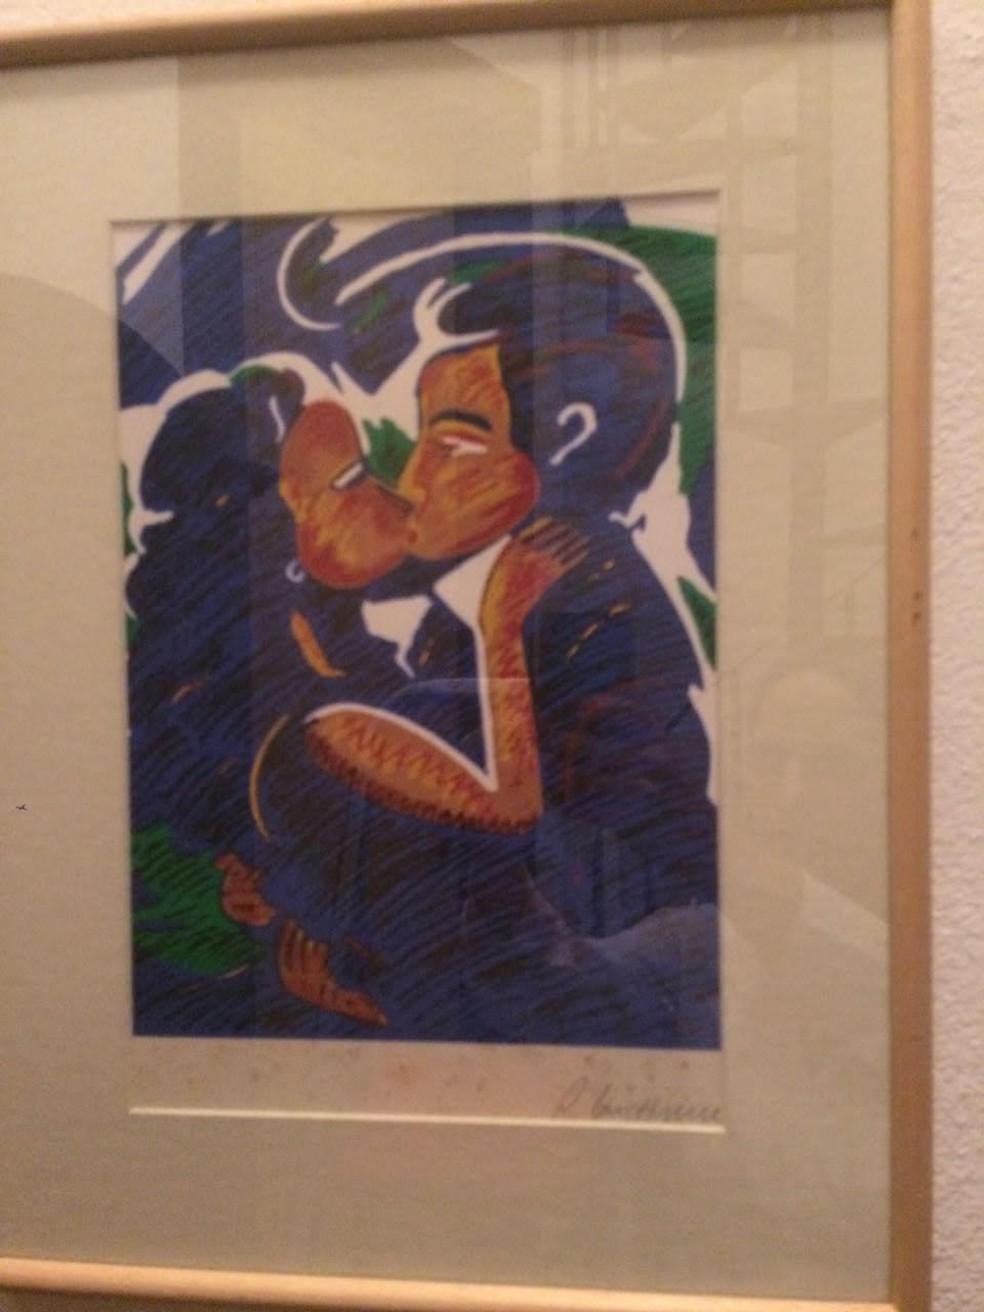 O quadro 'O Beijo', de Rubens Gerchman, foi apreendido pela PF na casa de Suzana Neves (Foto: Divulgação/MPF)